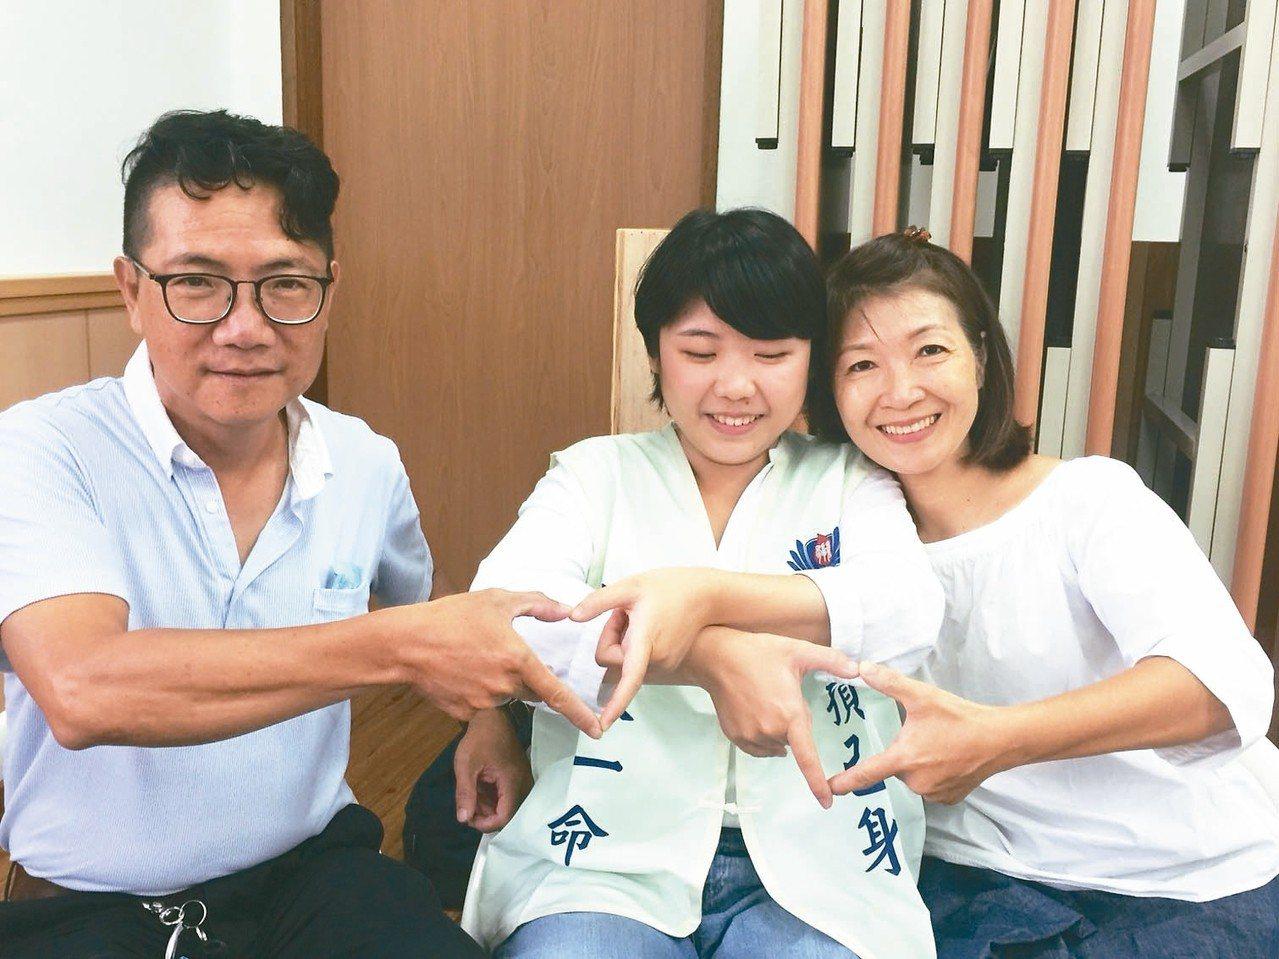 許家甄(中)與父親許清德(左)、母親謝美麗(右),拍照擺出心心相連手勢。 記者吳...